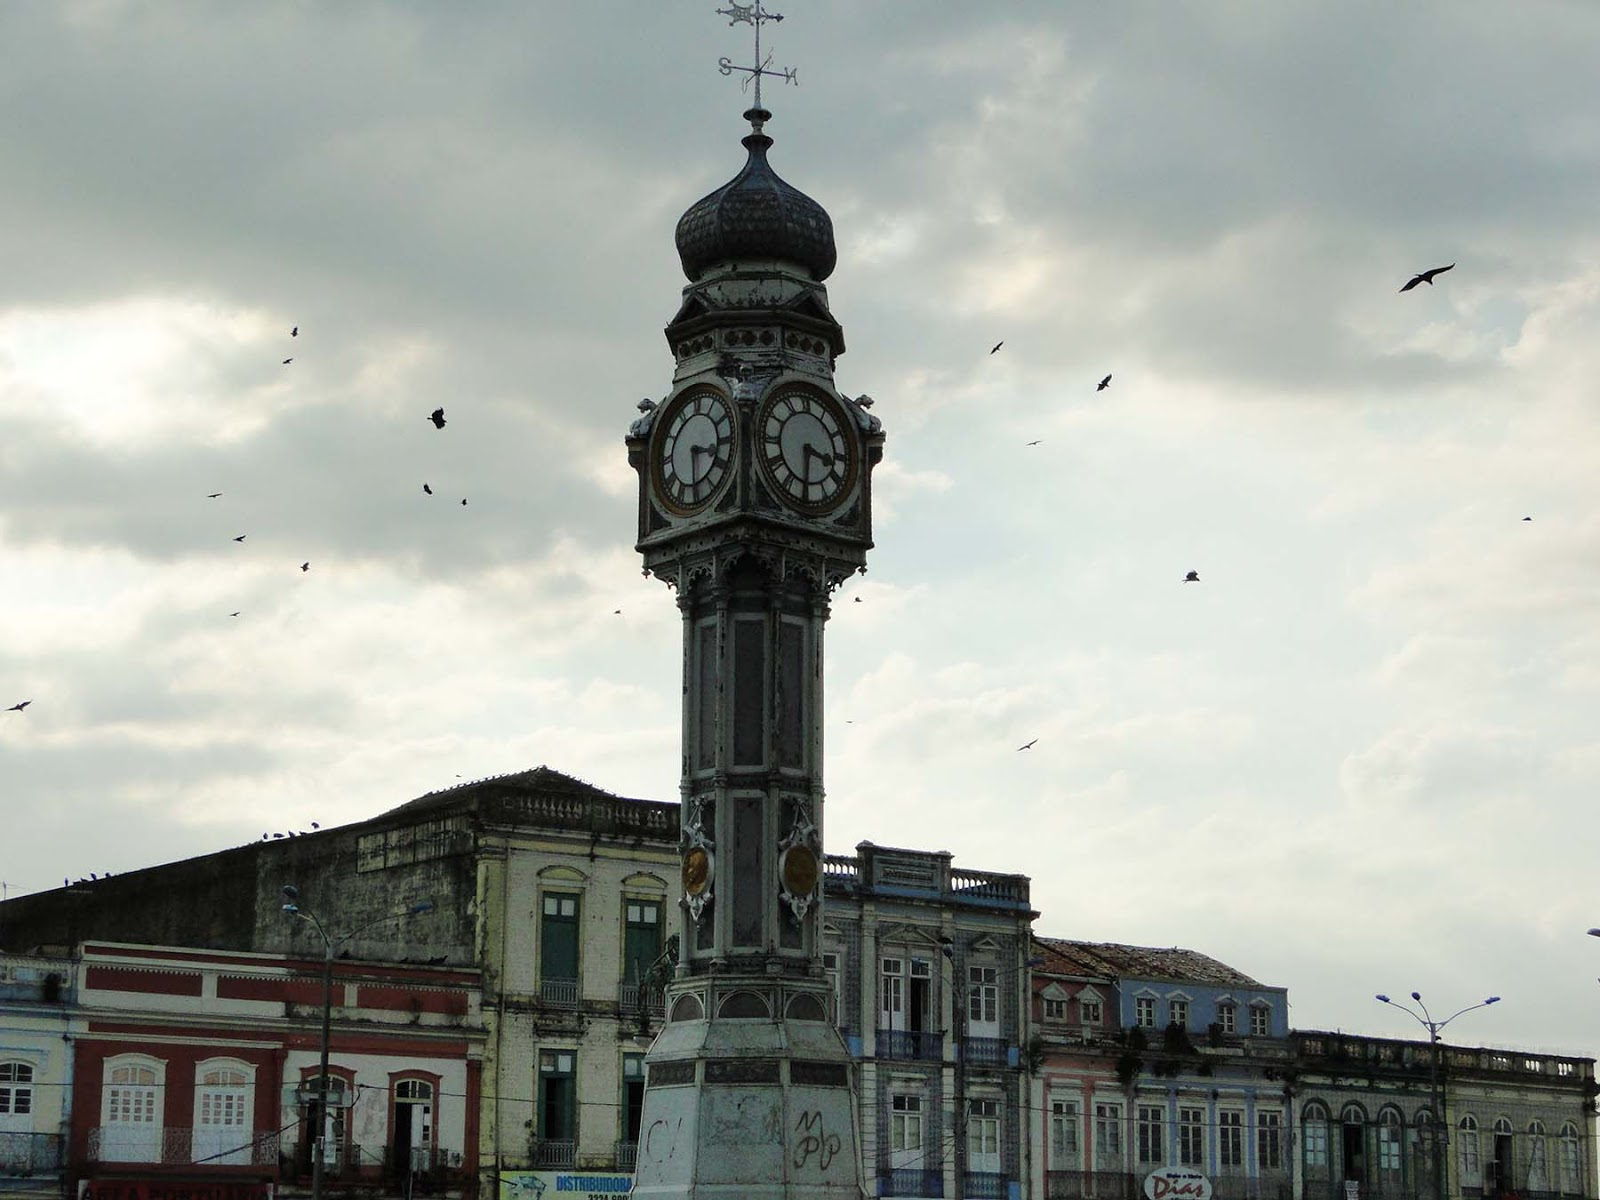 Praça do Relógio, Belém do Pará